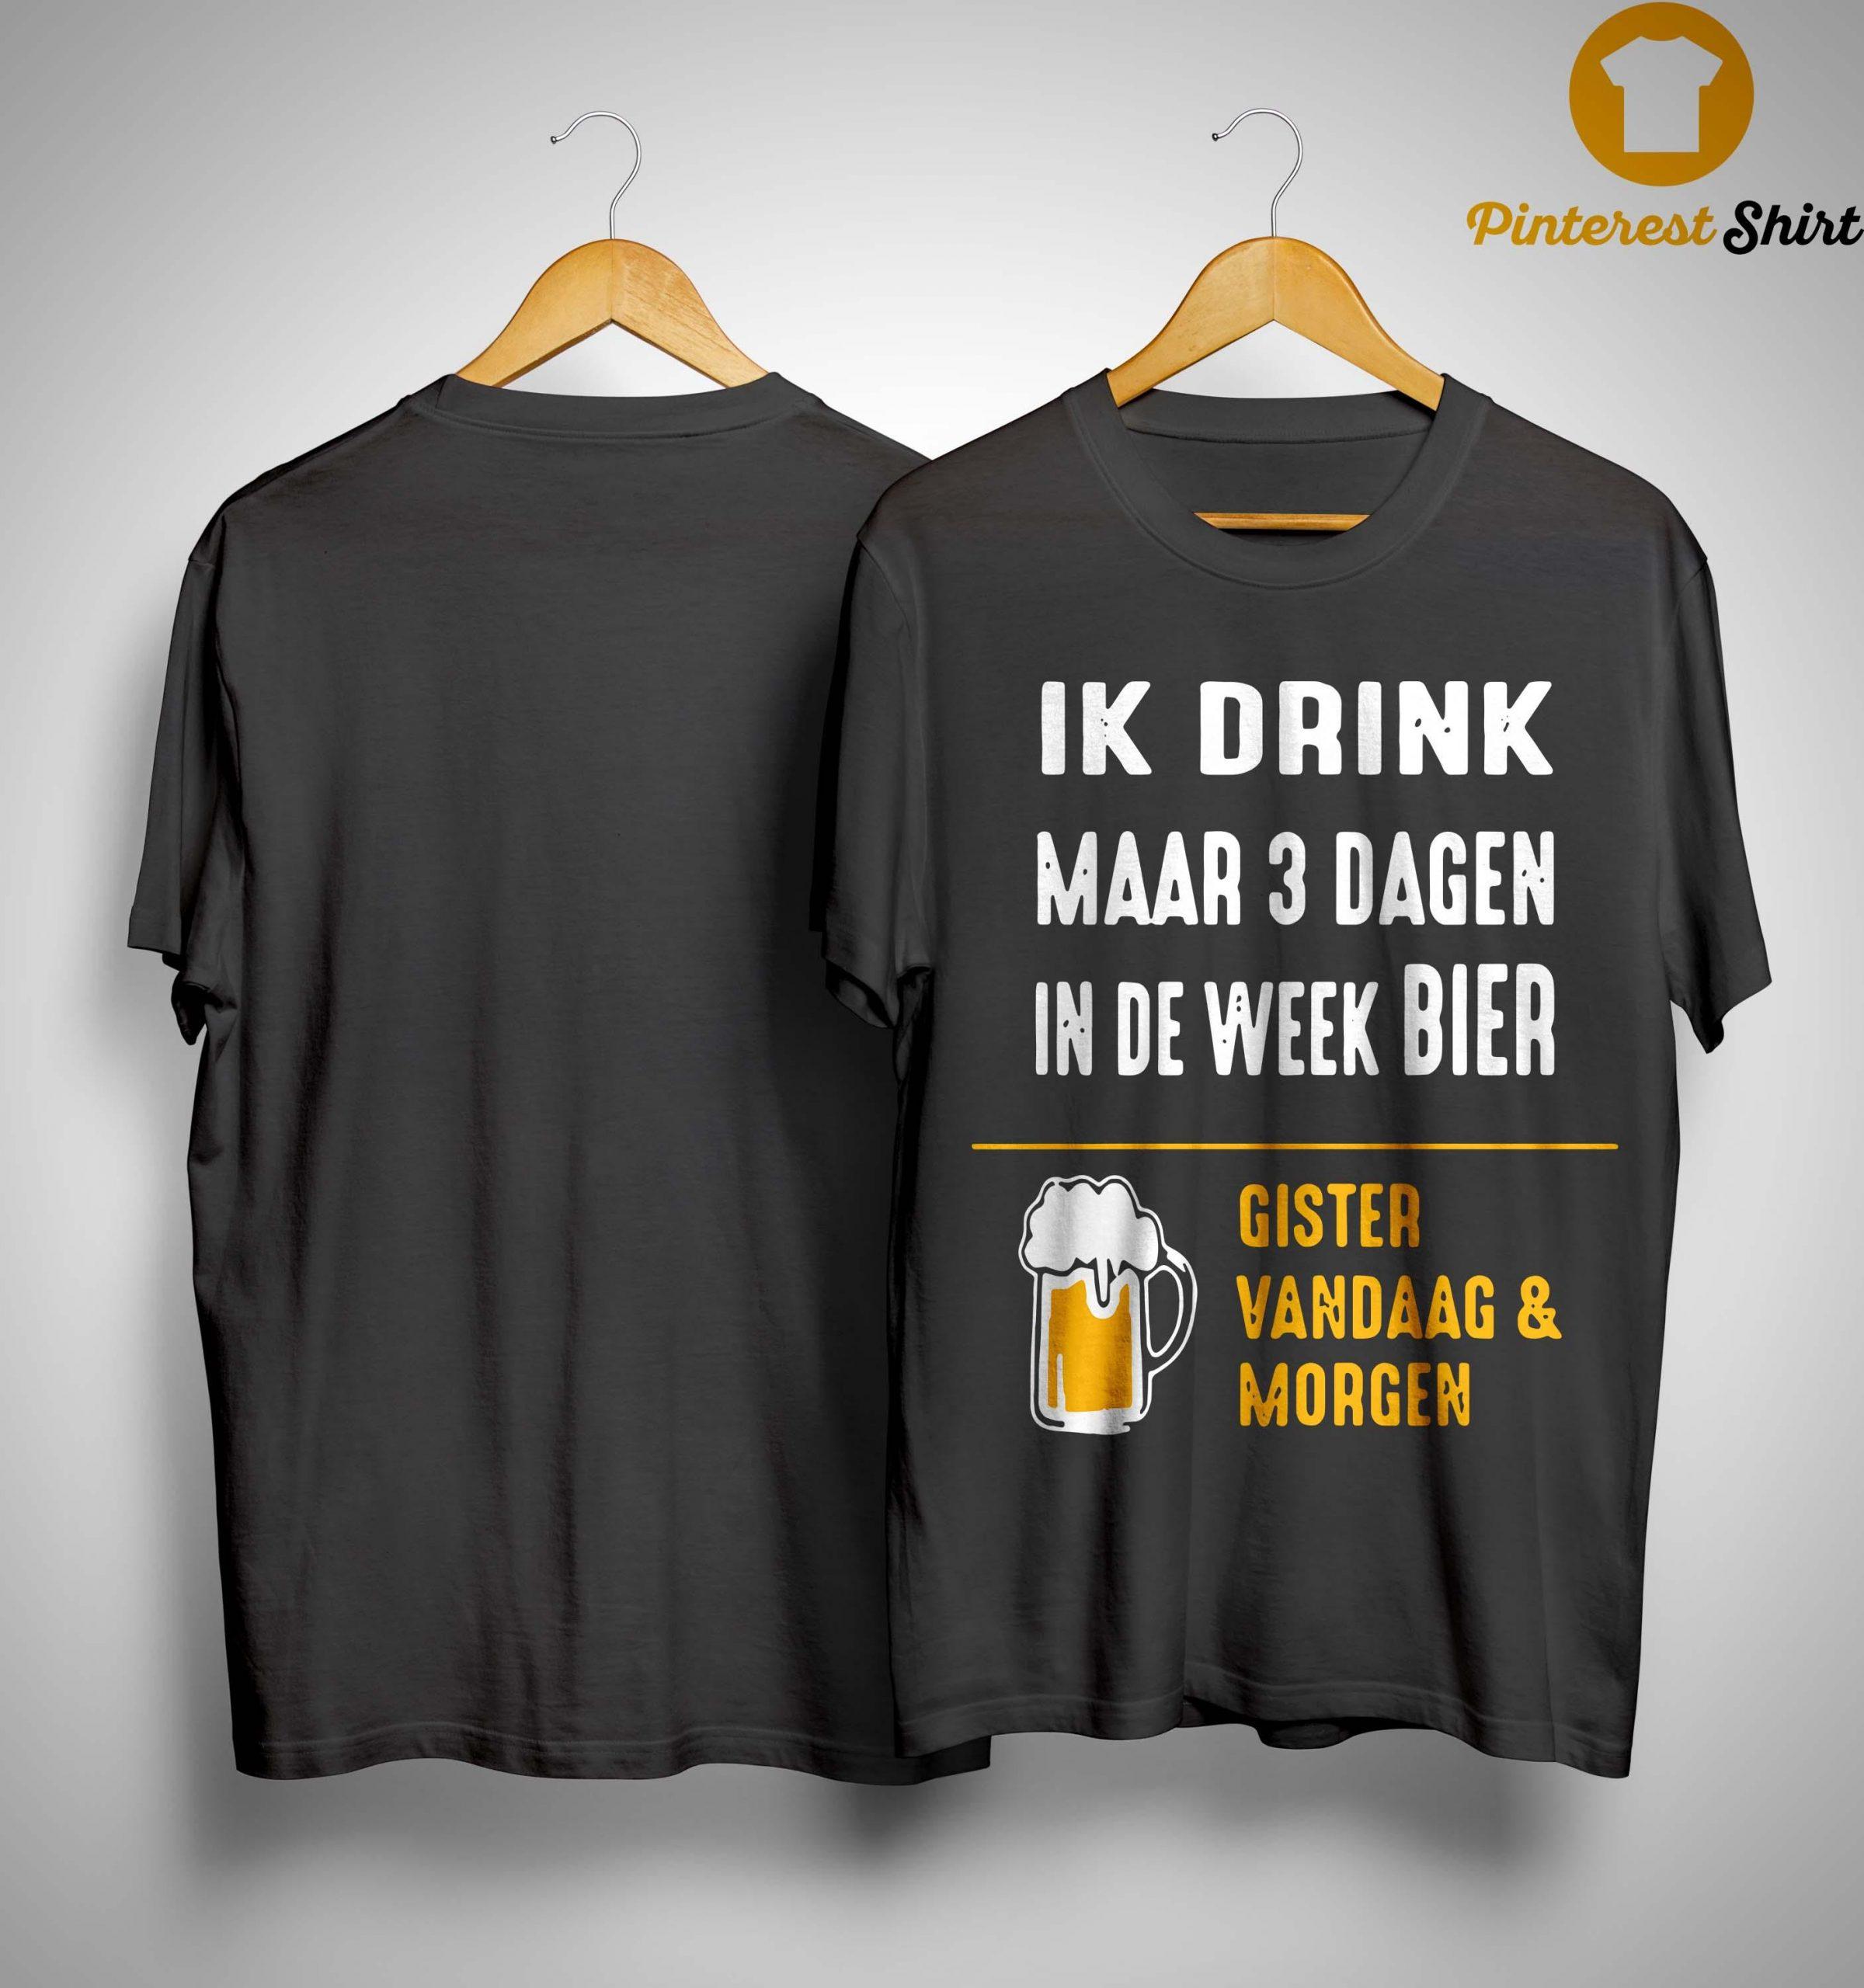 Ik Drink Maar 3 Dagen In De Week Bier Gister Vandaag And Morgen Shirt